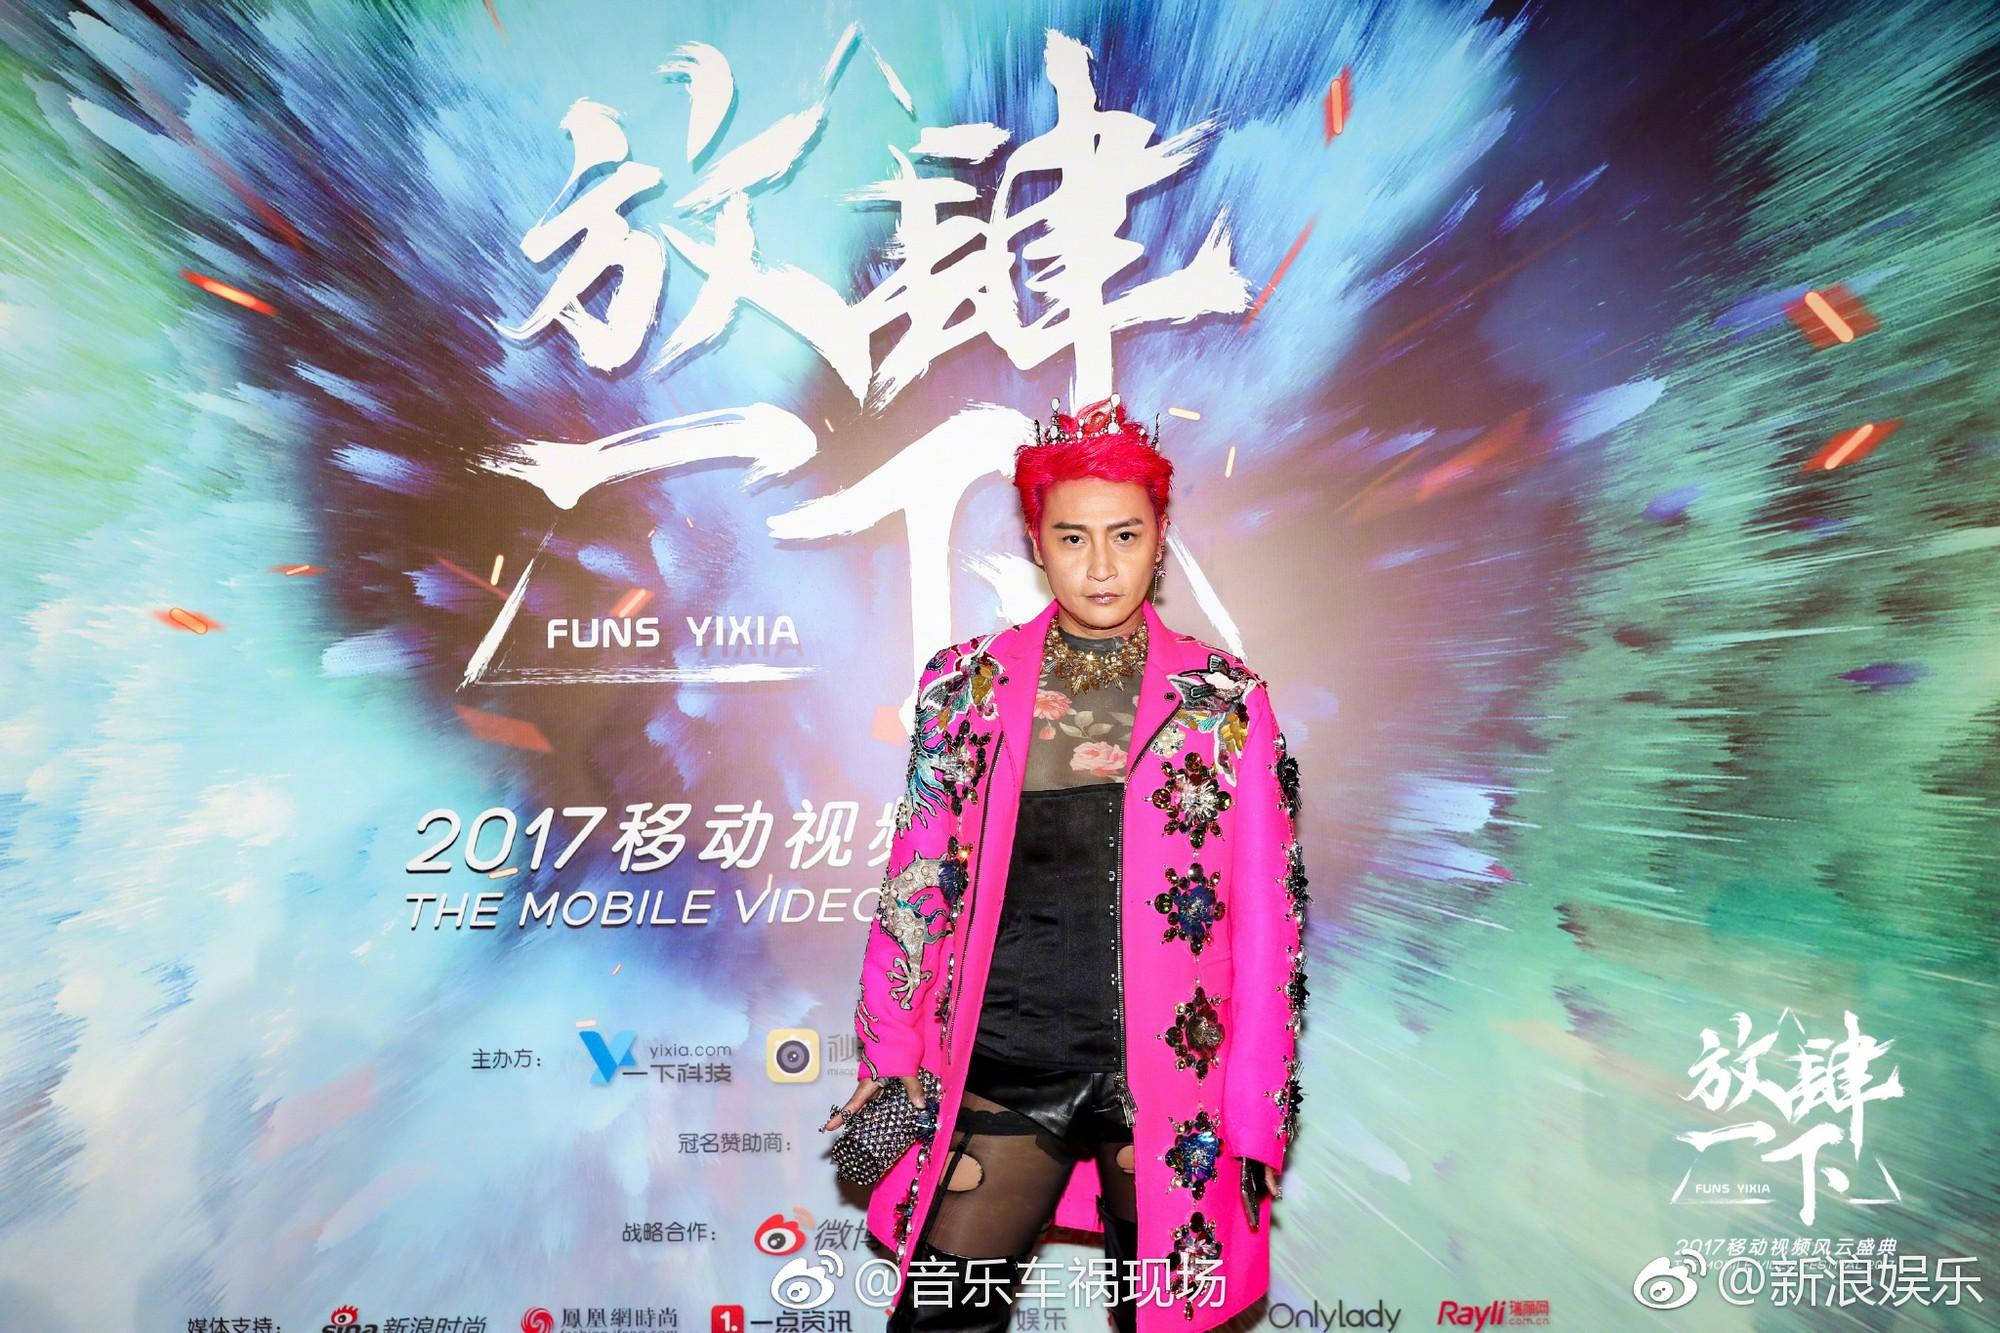 Đội vương miện, mặc áo xuyên thấu và tất lưới rách, Nhĩ Thái lại trở thành tâm điểm chú ý của netizen - Ảnh 7.